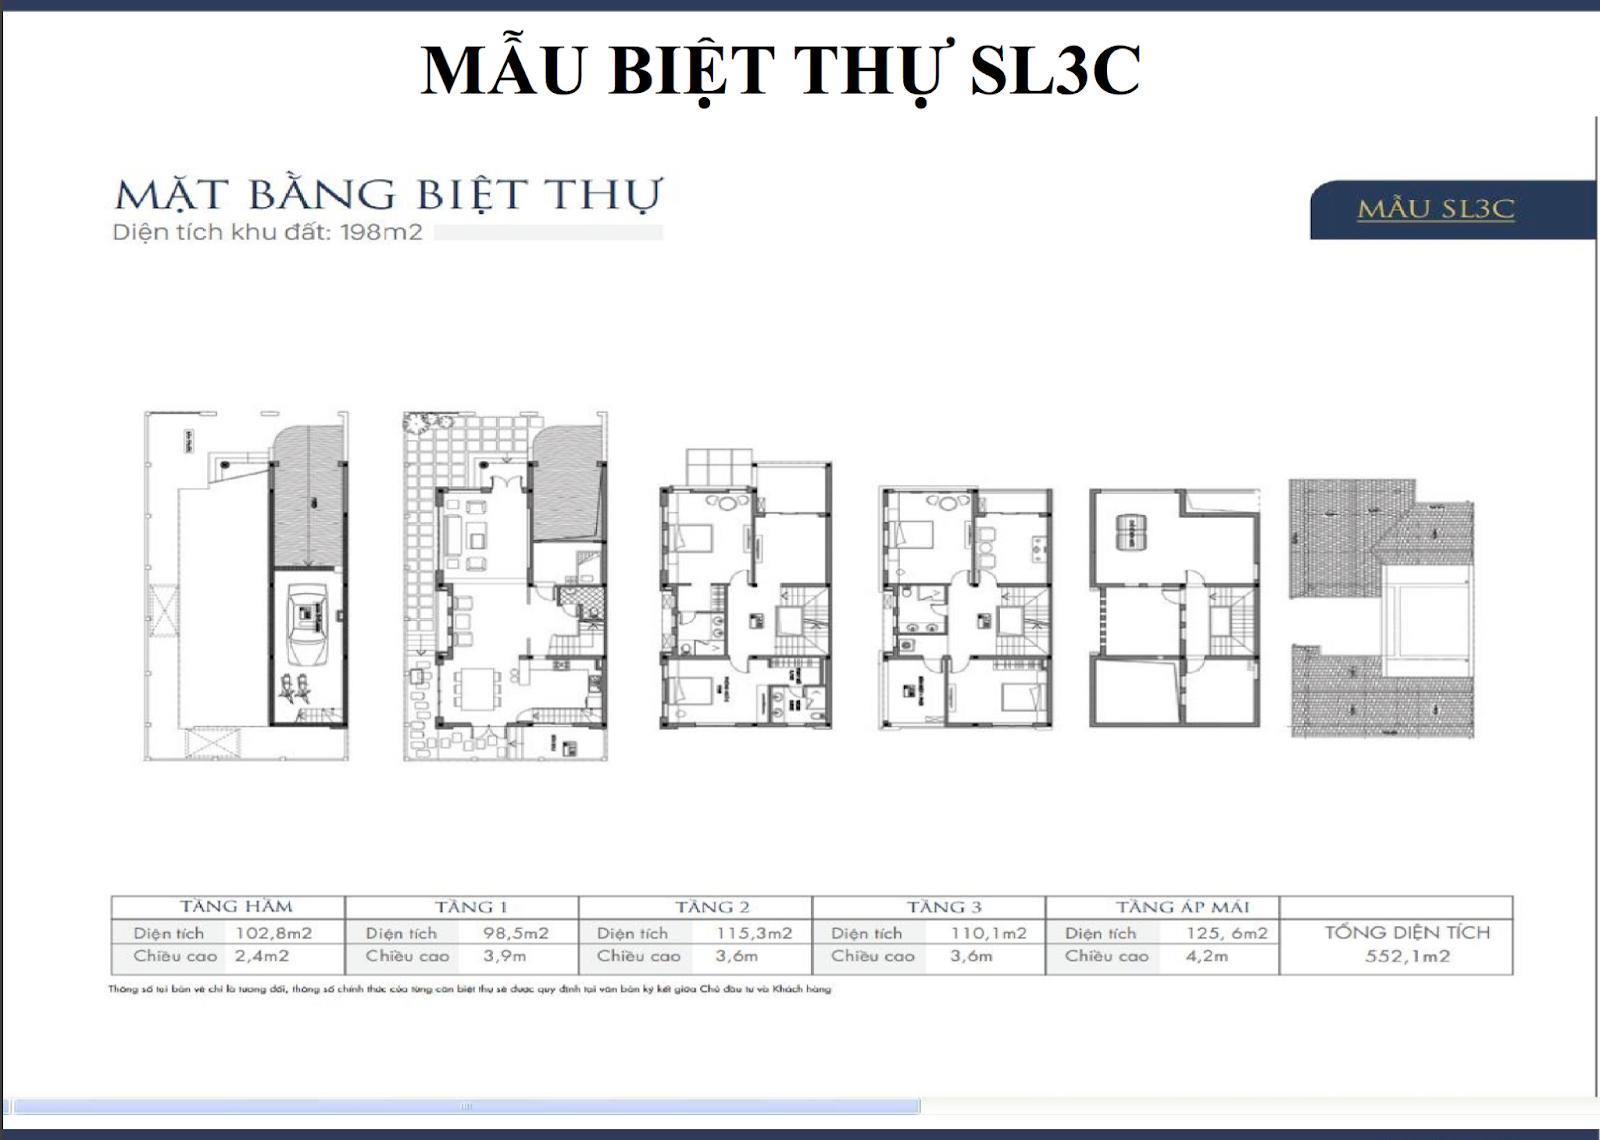 Mặt bằng biệt thự An Khang SL3C